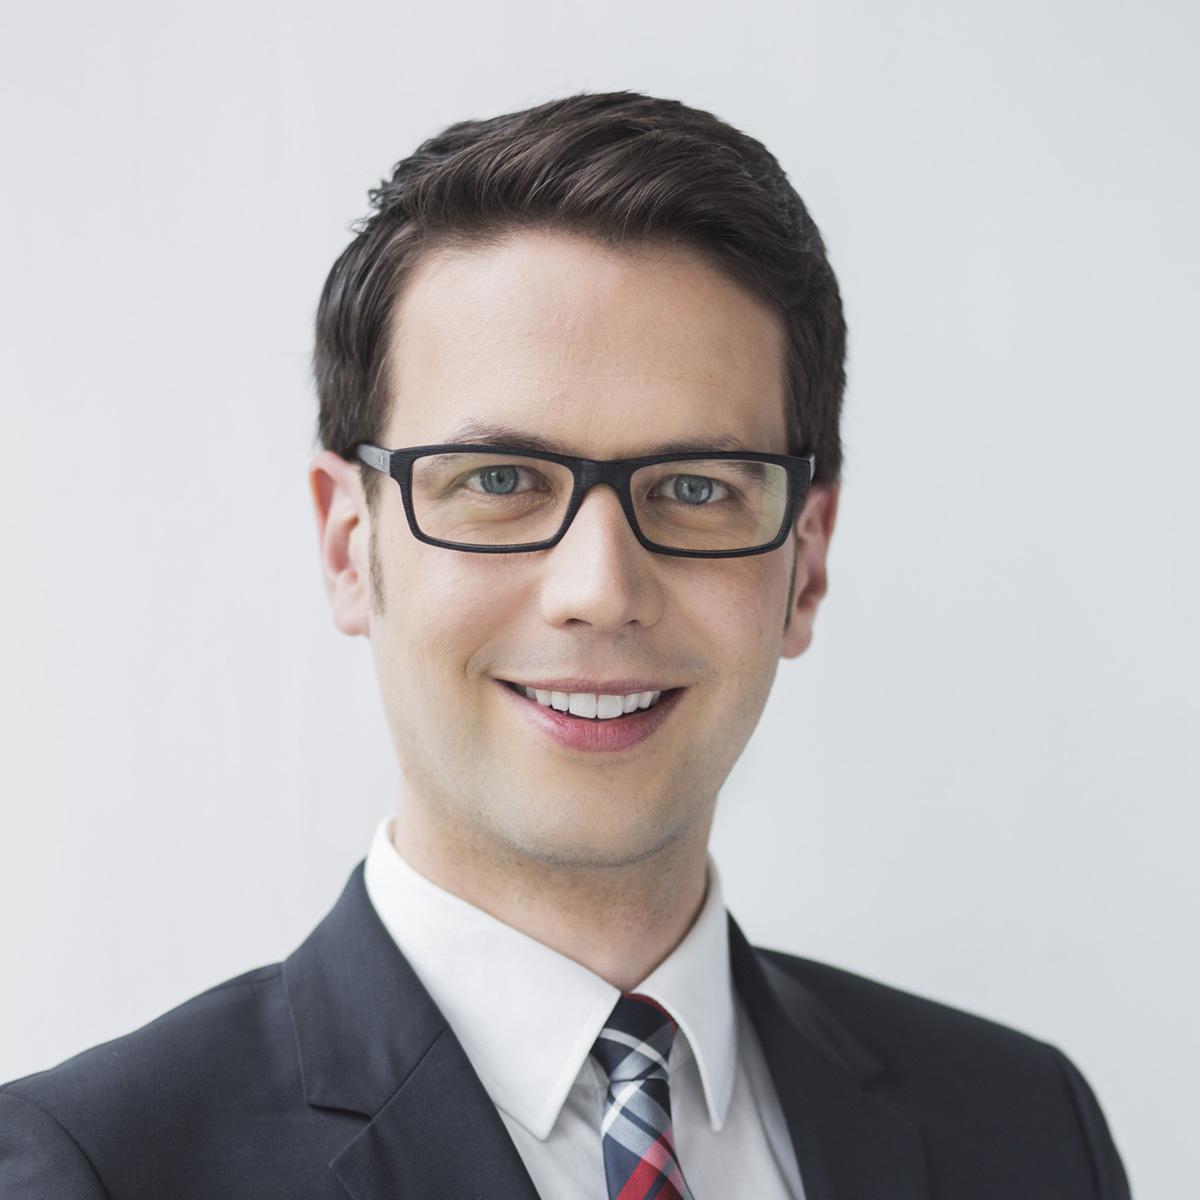 Florian Amberg ist Group Pressesprecher der Munich Re und Prüfer bei der DAPR